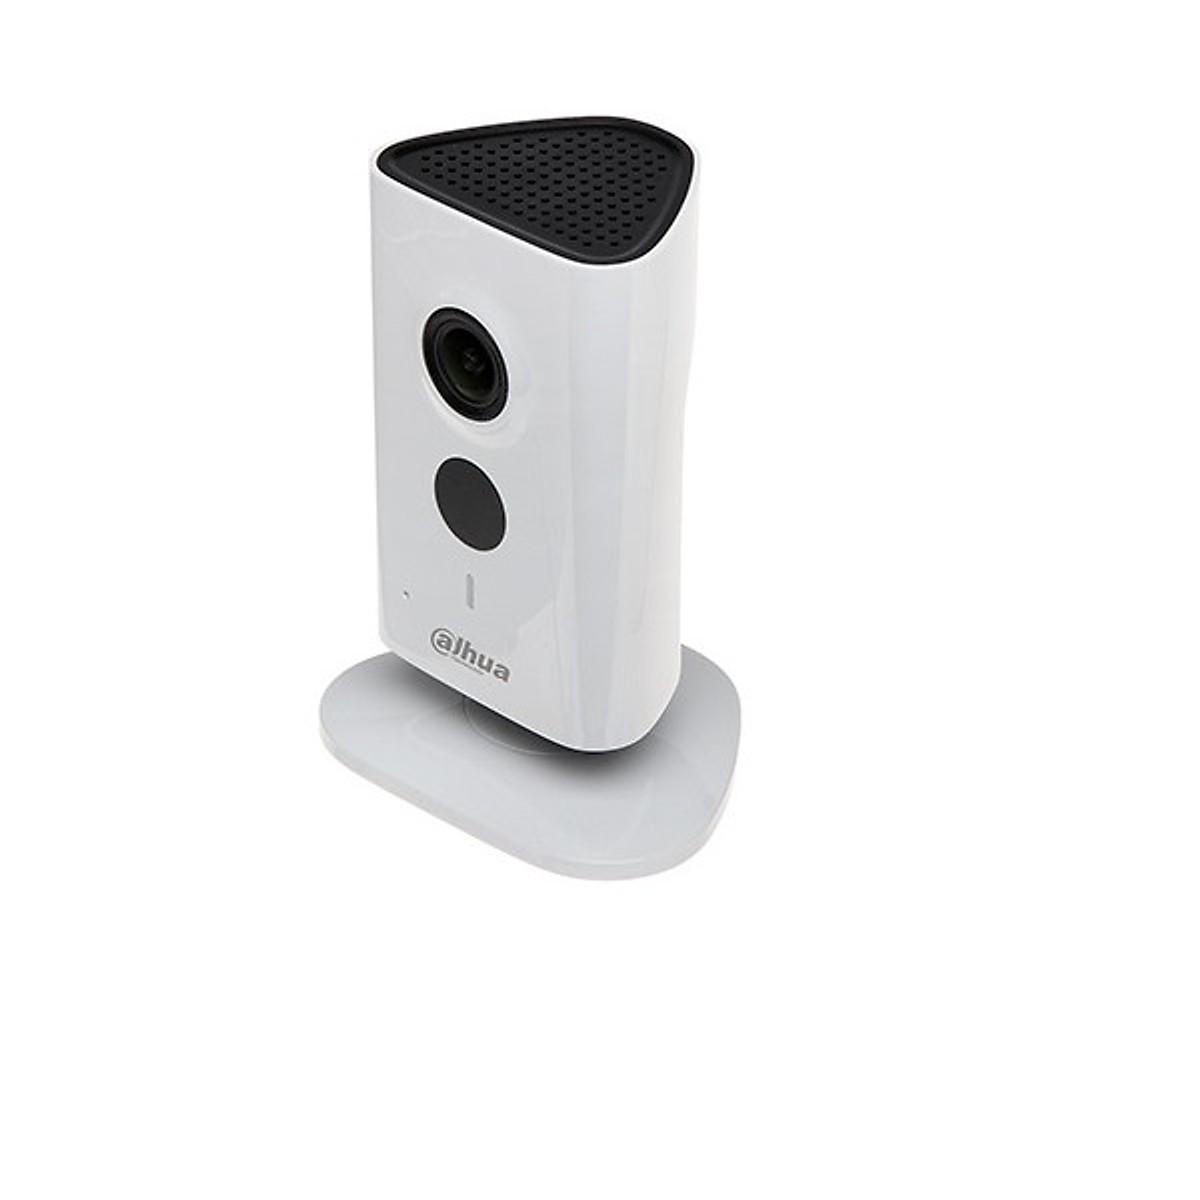 Camera IP Wifi Dahua IPC-C35P (3.0 Megapixel)) – Hàng chính hãng